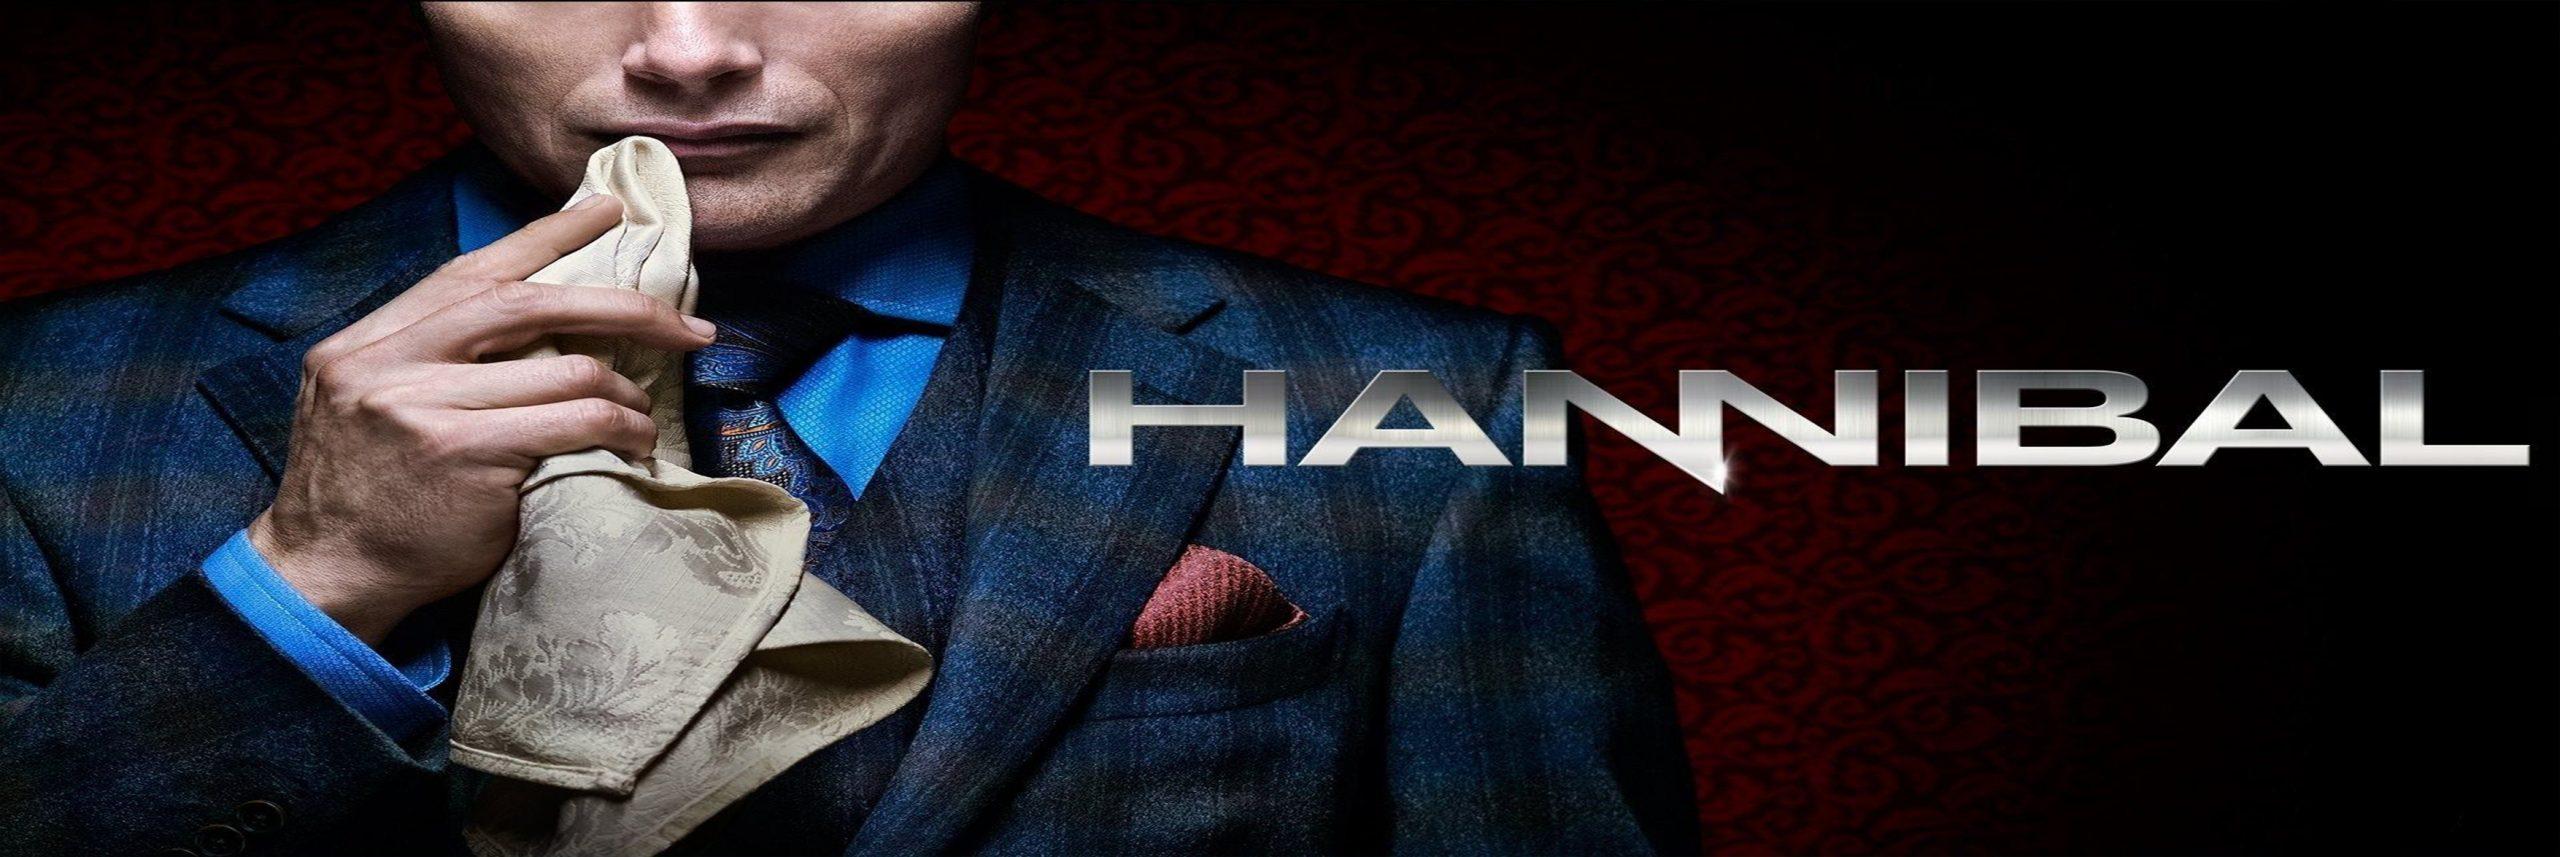 هانیبال – Hannibal